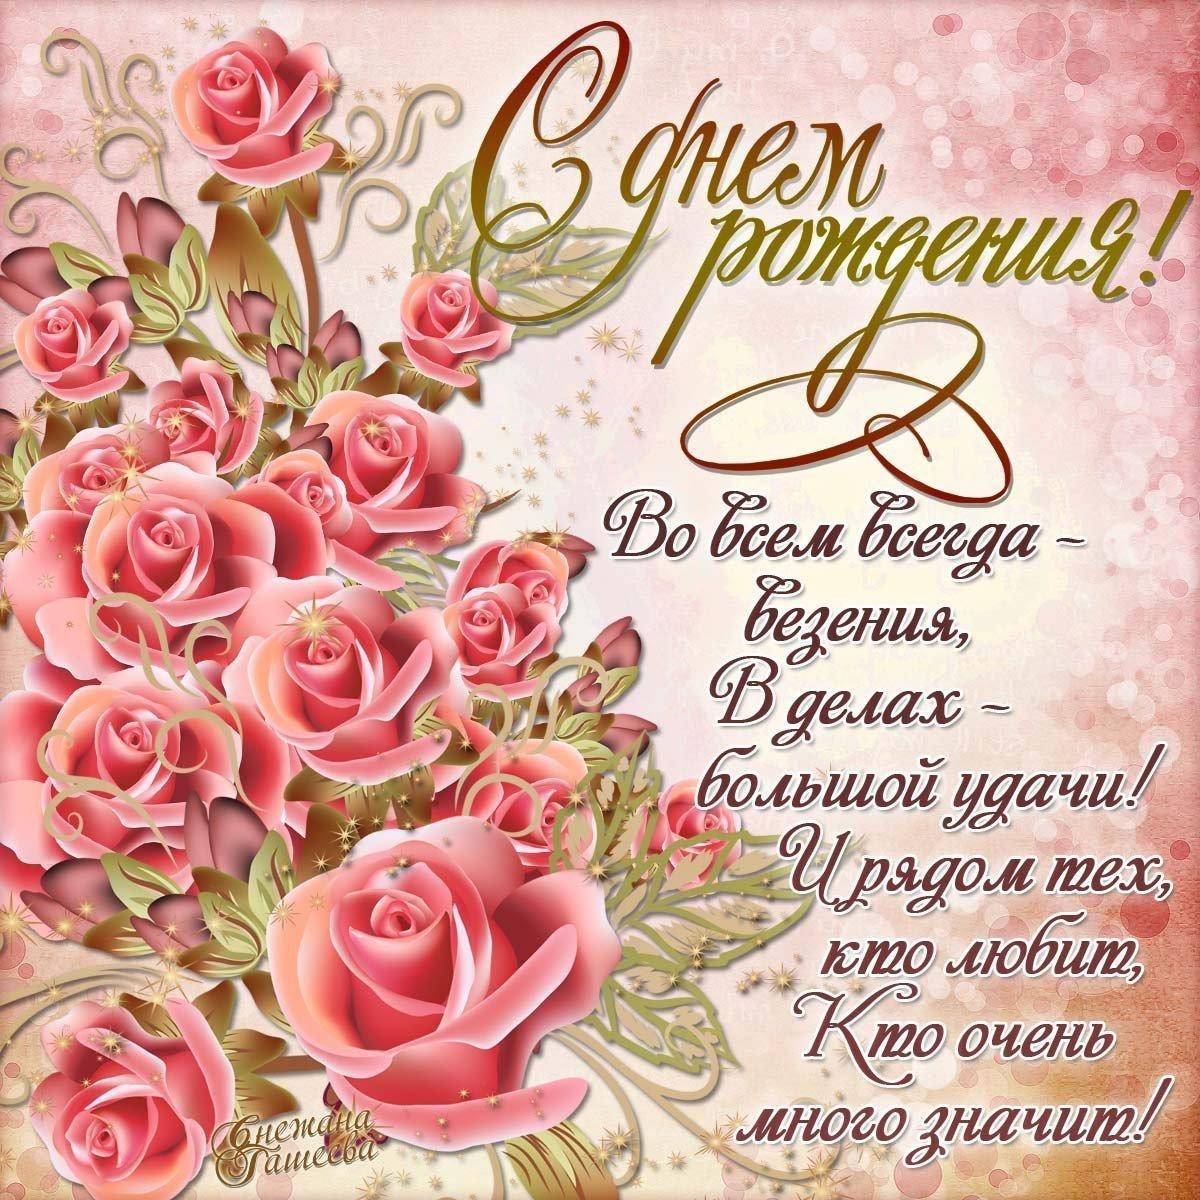 Цветы, отправить поздравления с днем рождения открытки